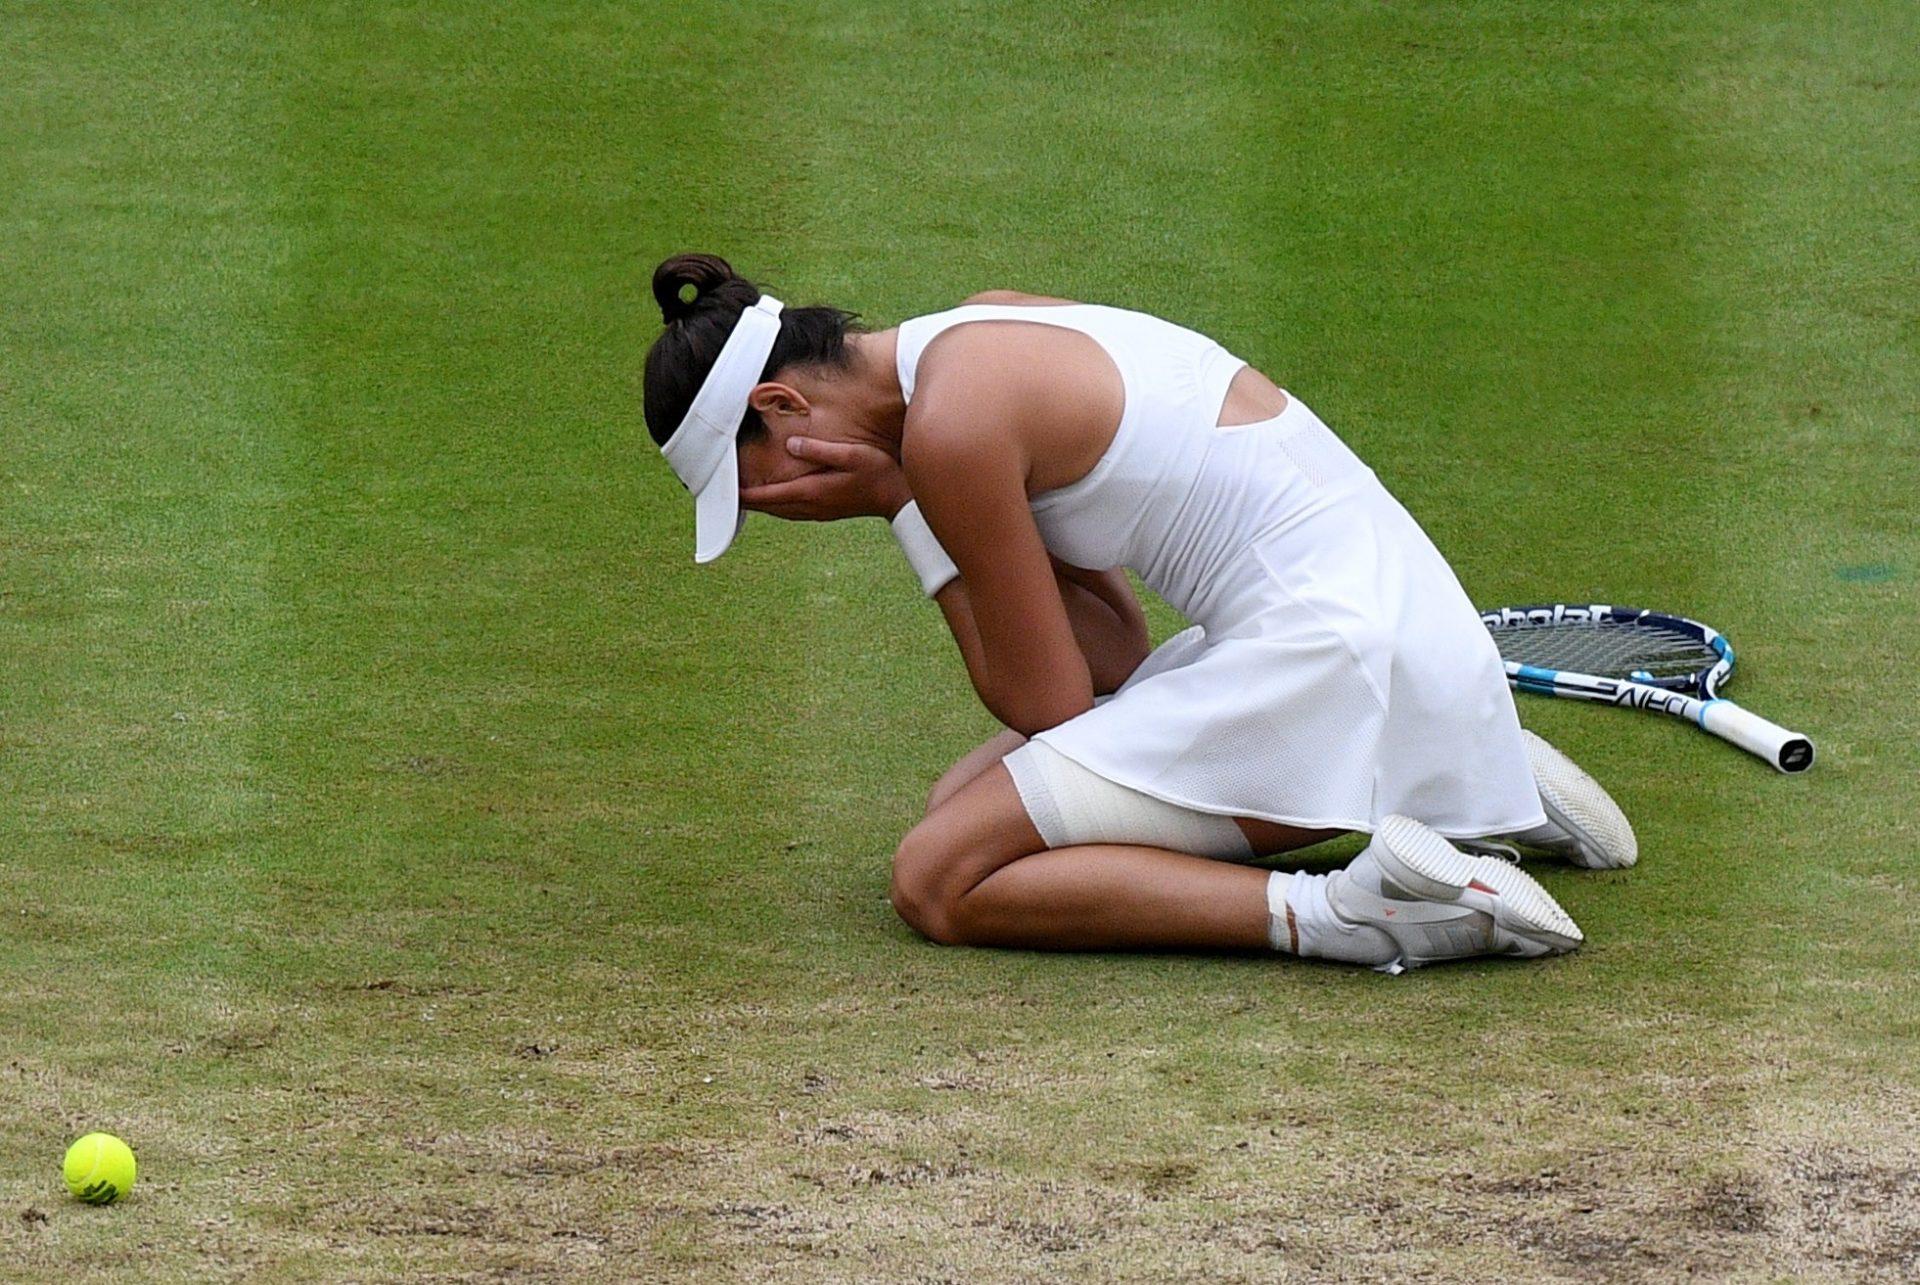 Garbiñe Muguruza al saberse campeona de Wimbledon 2017